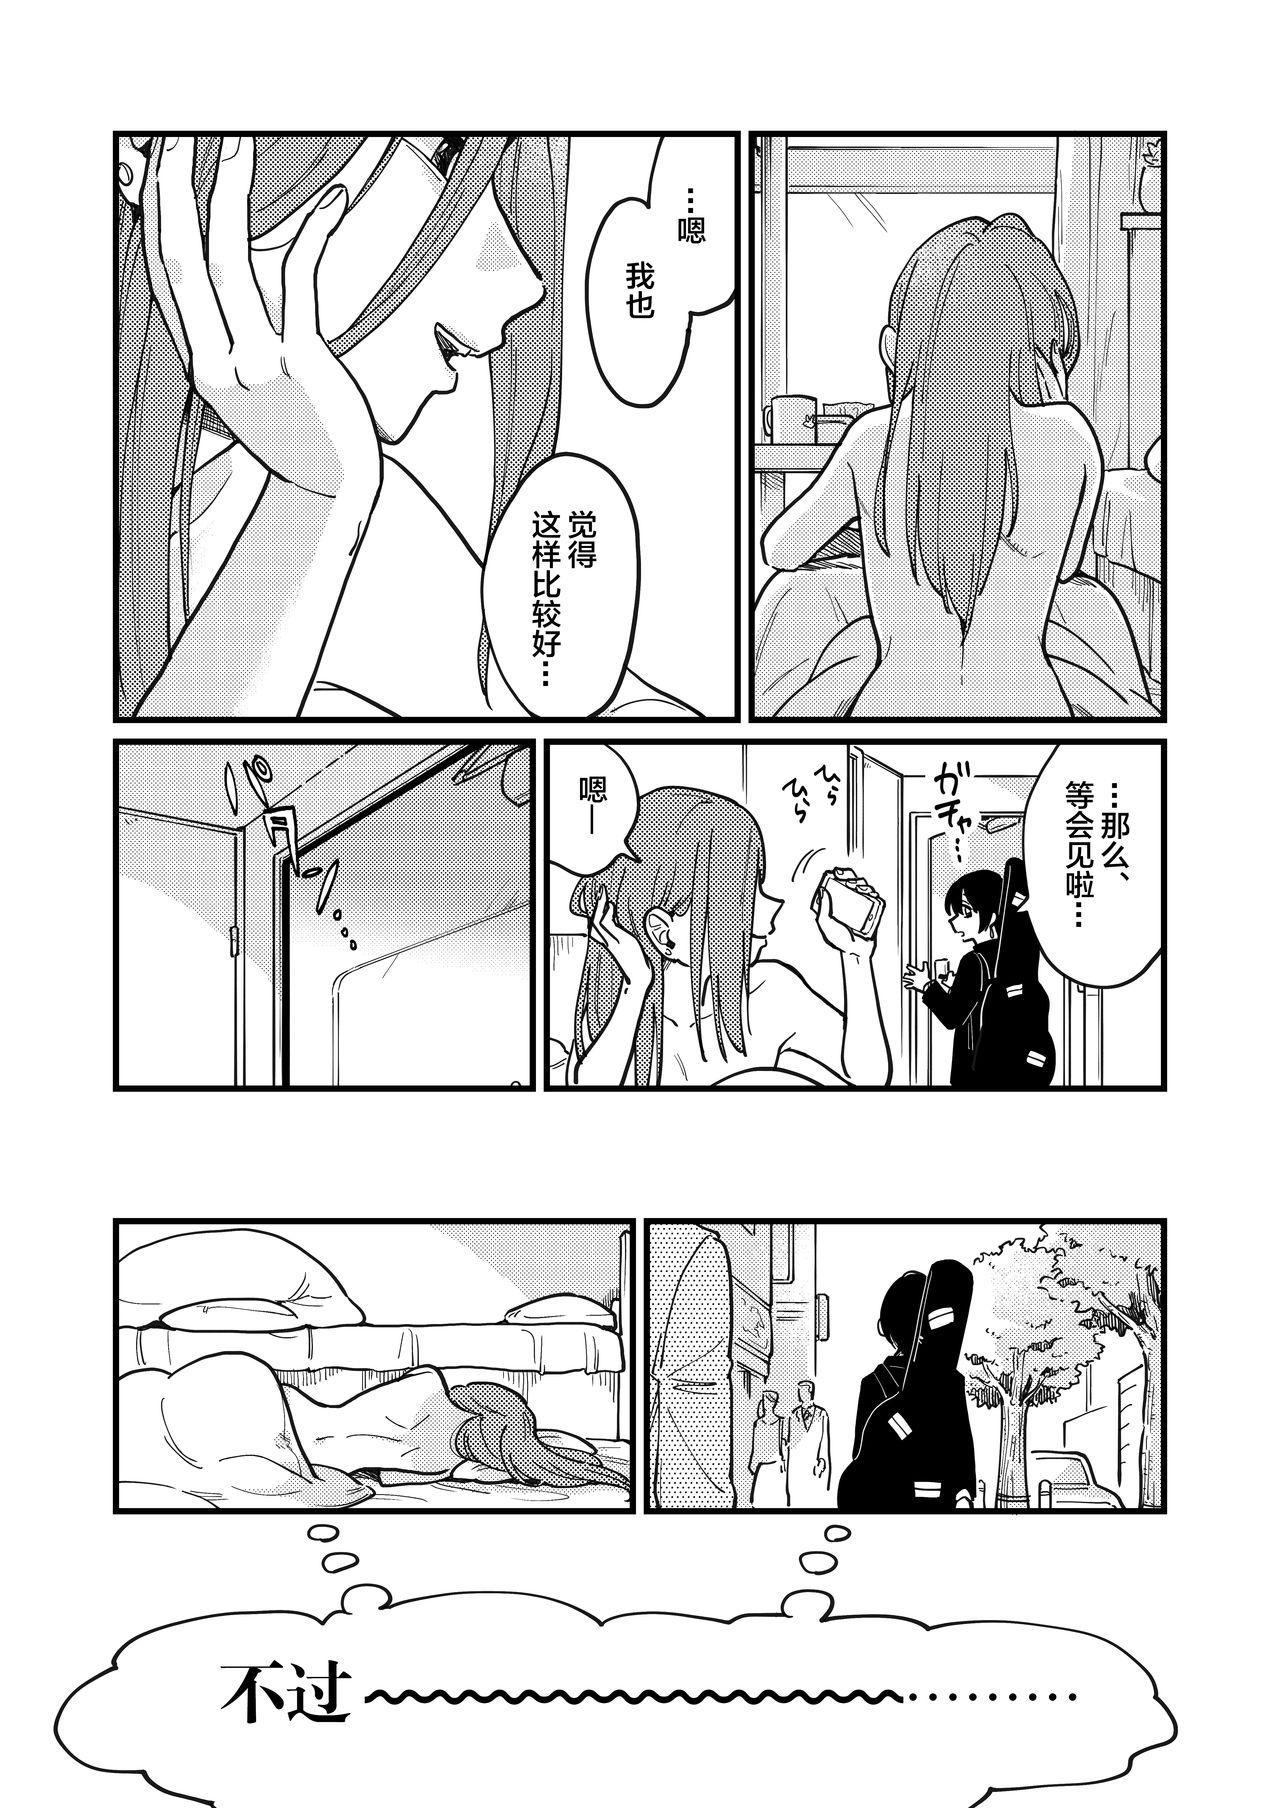 Tsukiatte Nai Kedo Yarimashita | 明明没有在交往,却还是做了 23